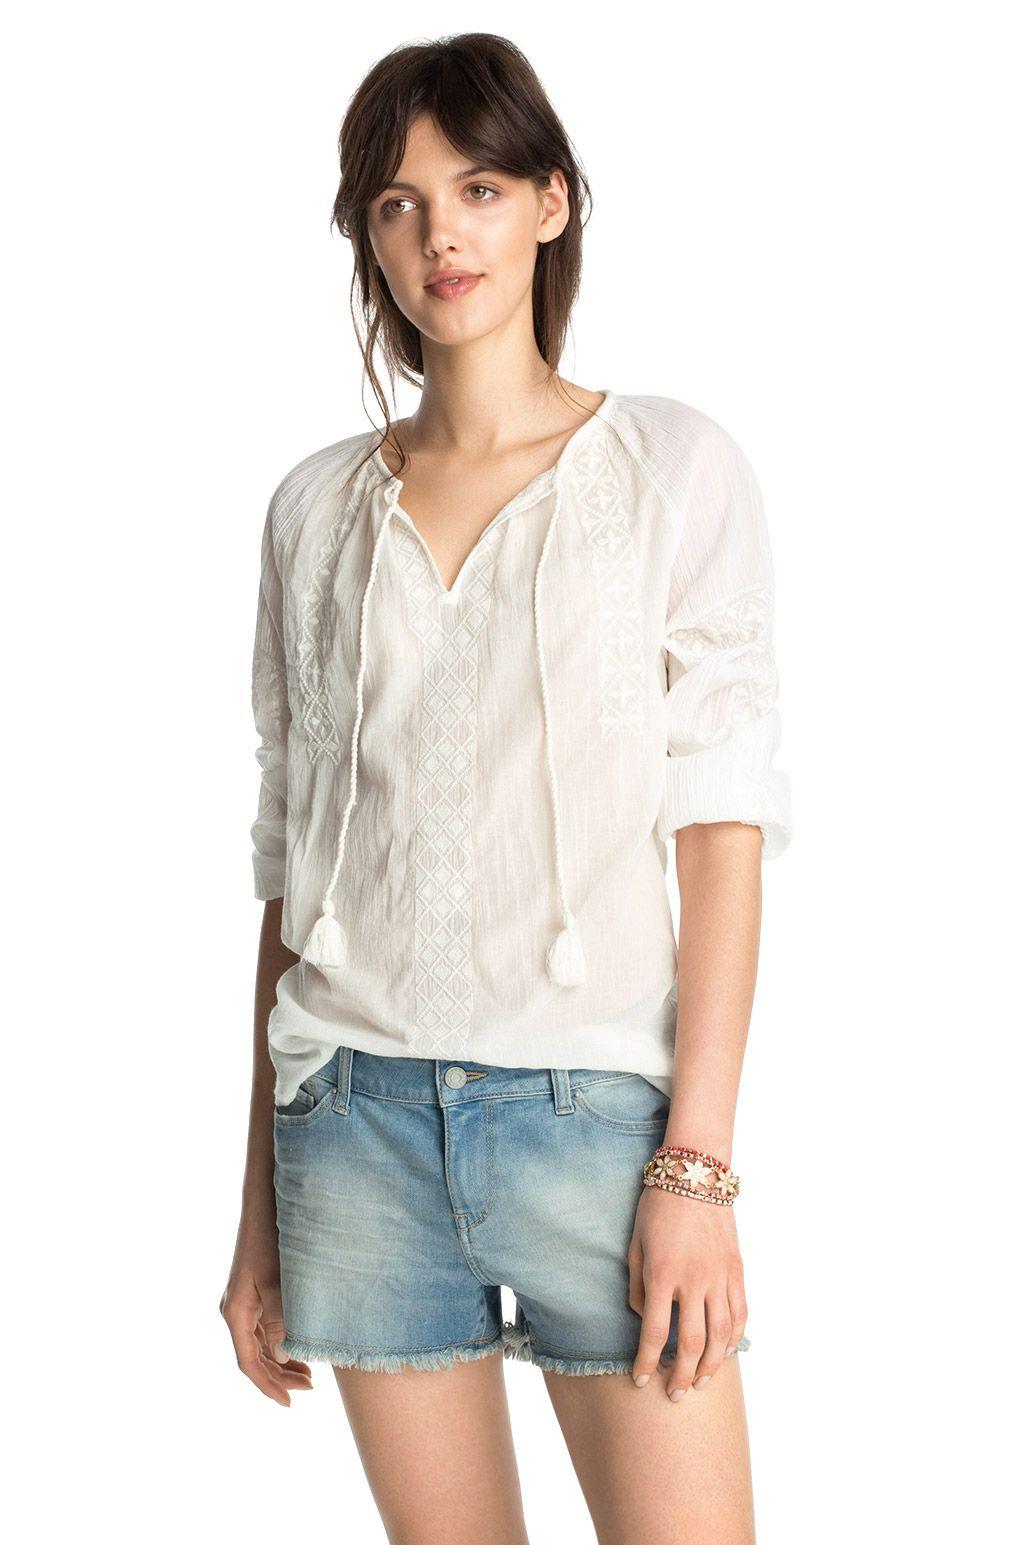 Esprit - Crinkle-Oversize-Tunika, 100% Baumwolle im Online Shop kaufen